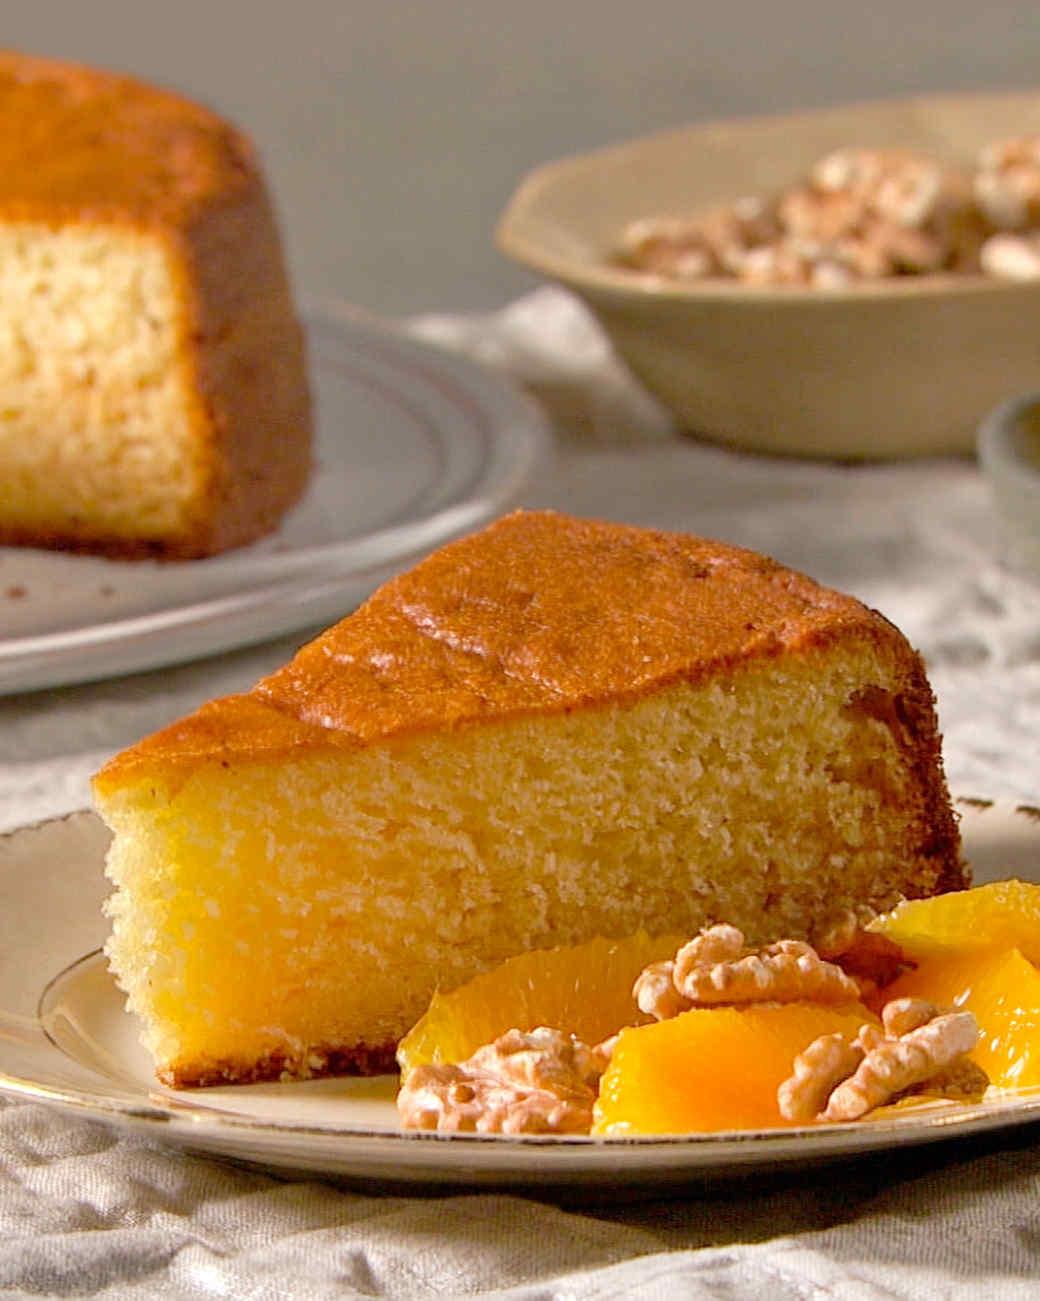 greek-yogurt-cake-mhlb2006.jpg